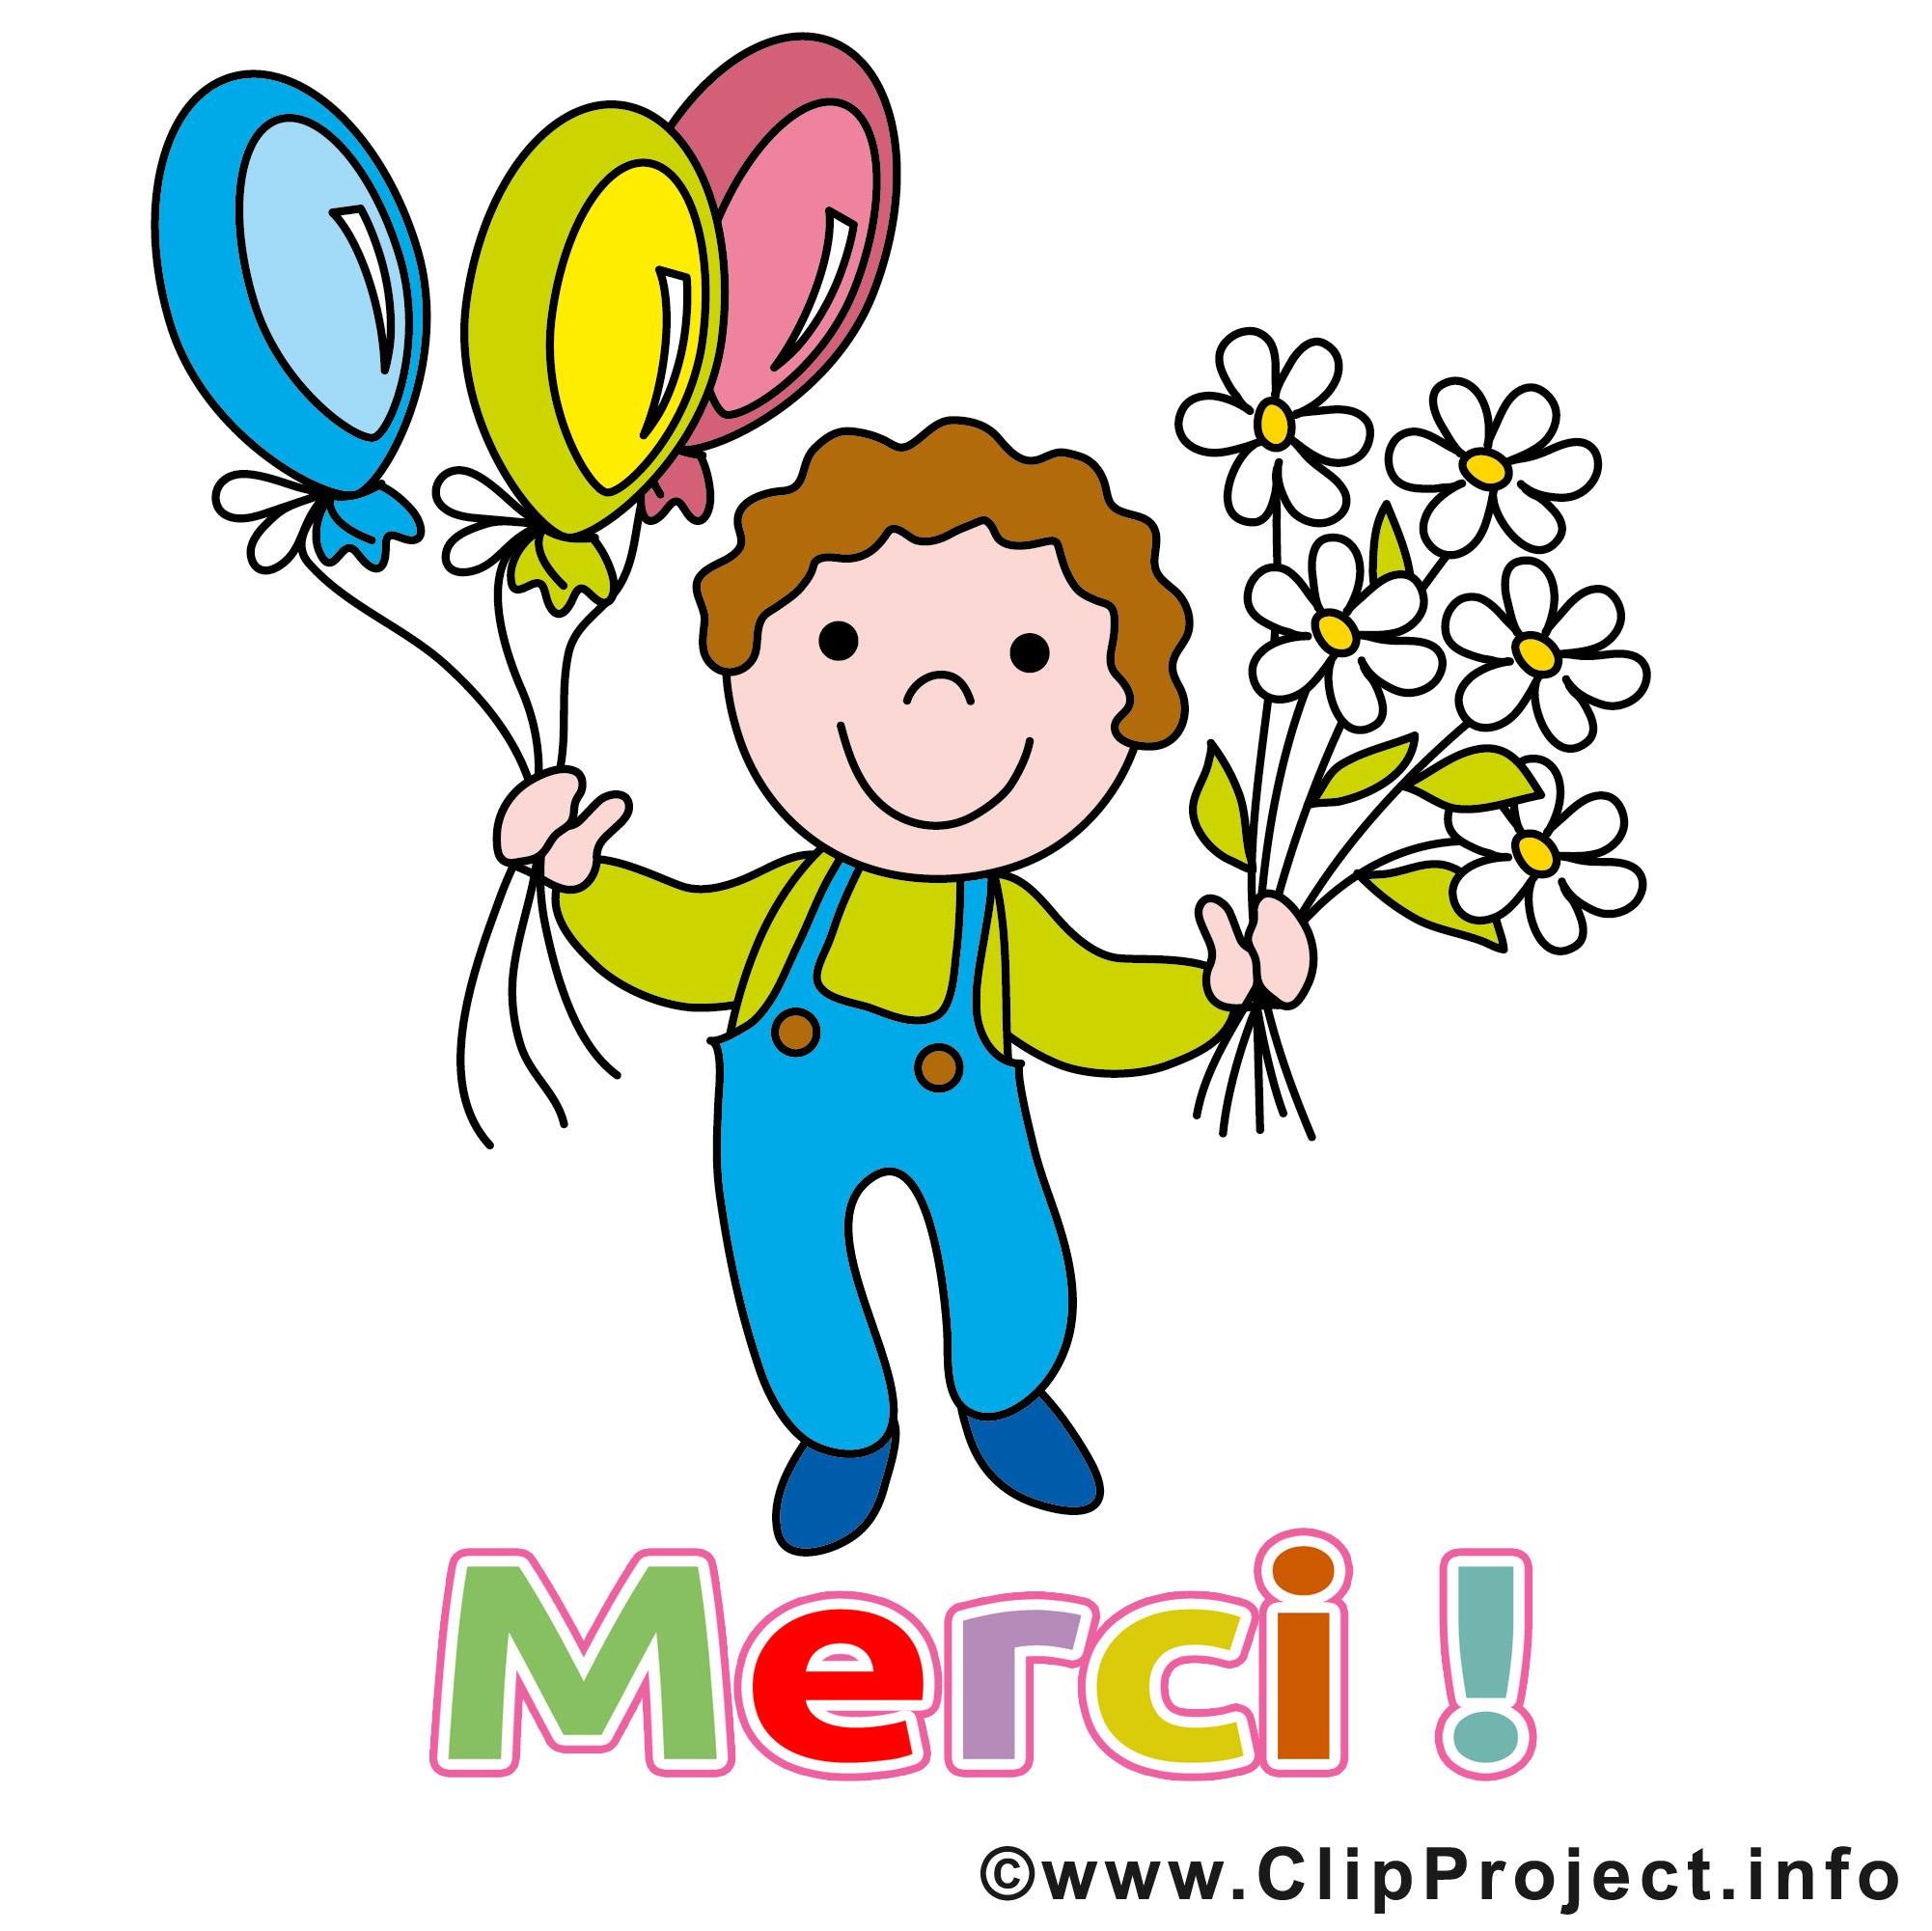 Garçon ballons dessin - Merci clip arts gratuits - Merci ...